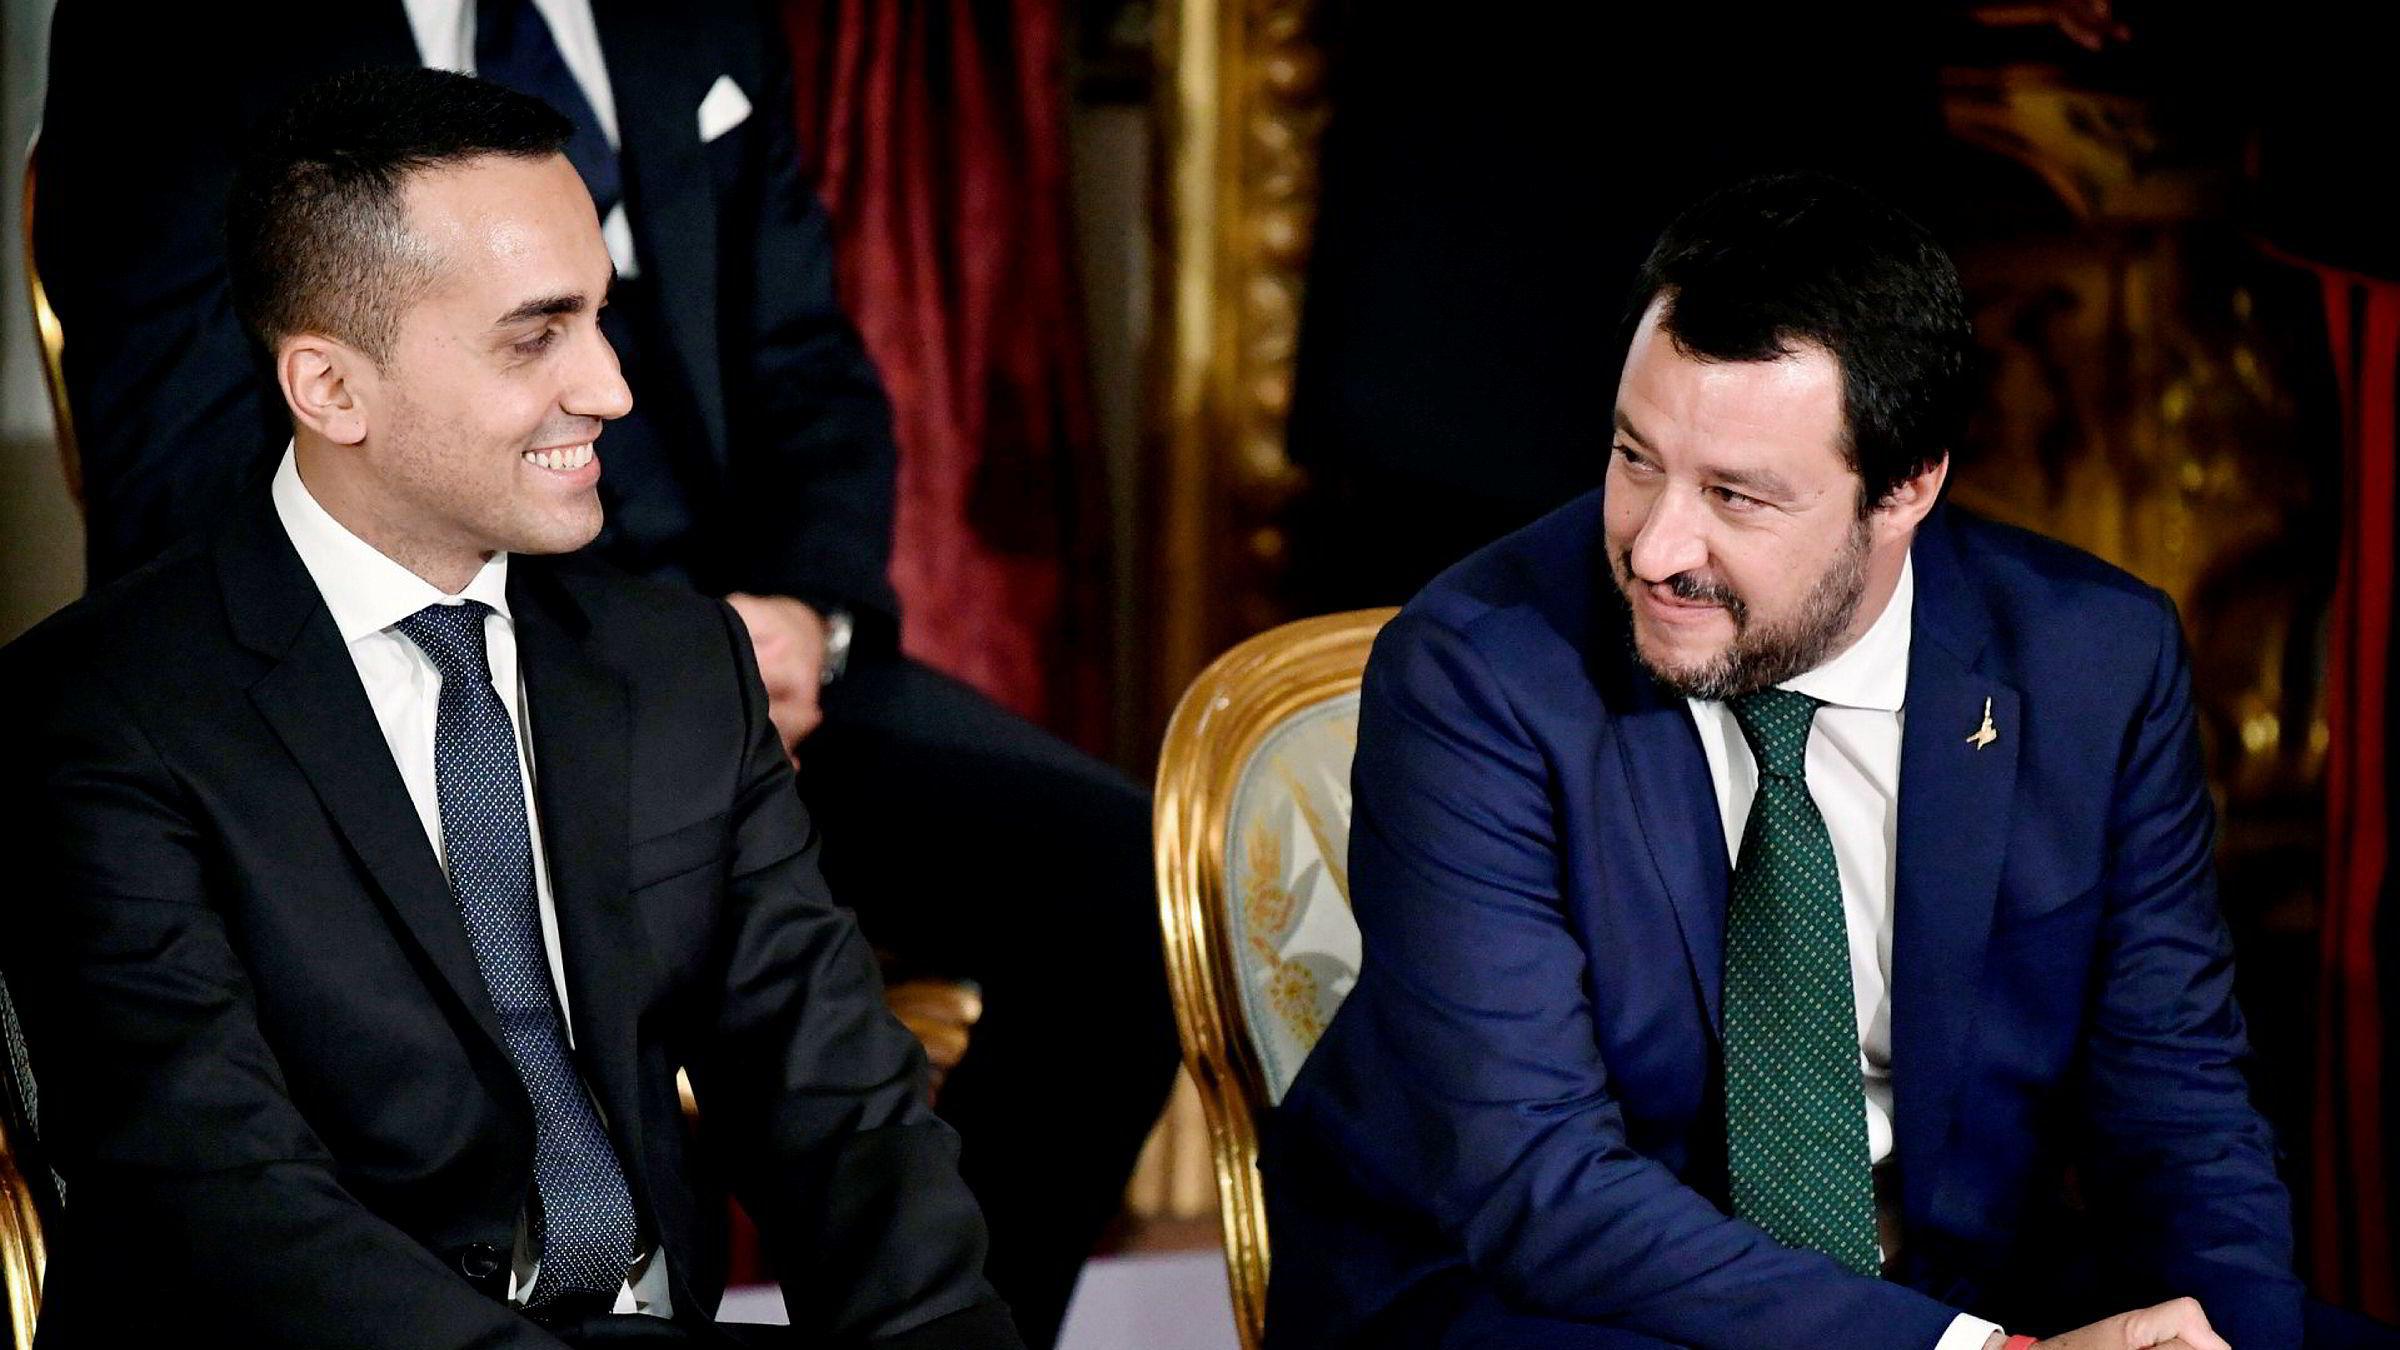 Luigi Di Maio (31, til venstre), innenriksminister og lederen for den italienske Femstjernersbevegelsen, og Matteo Salvini (45), industri- og arbeidsminister fra det høyrenasjonale partiet Ligaen ønsker ikke å stramme inn på pensjonsordningene.